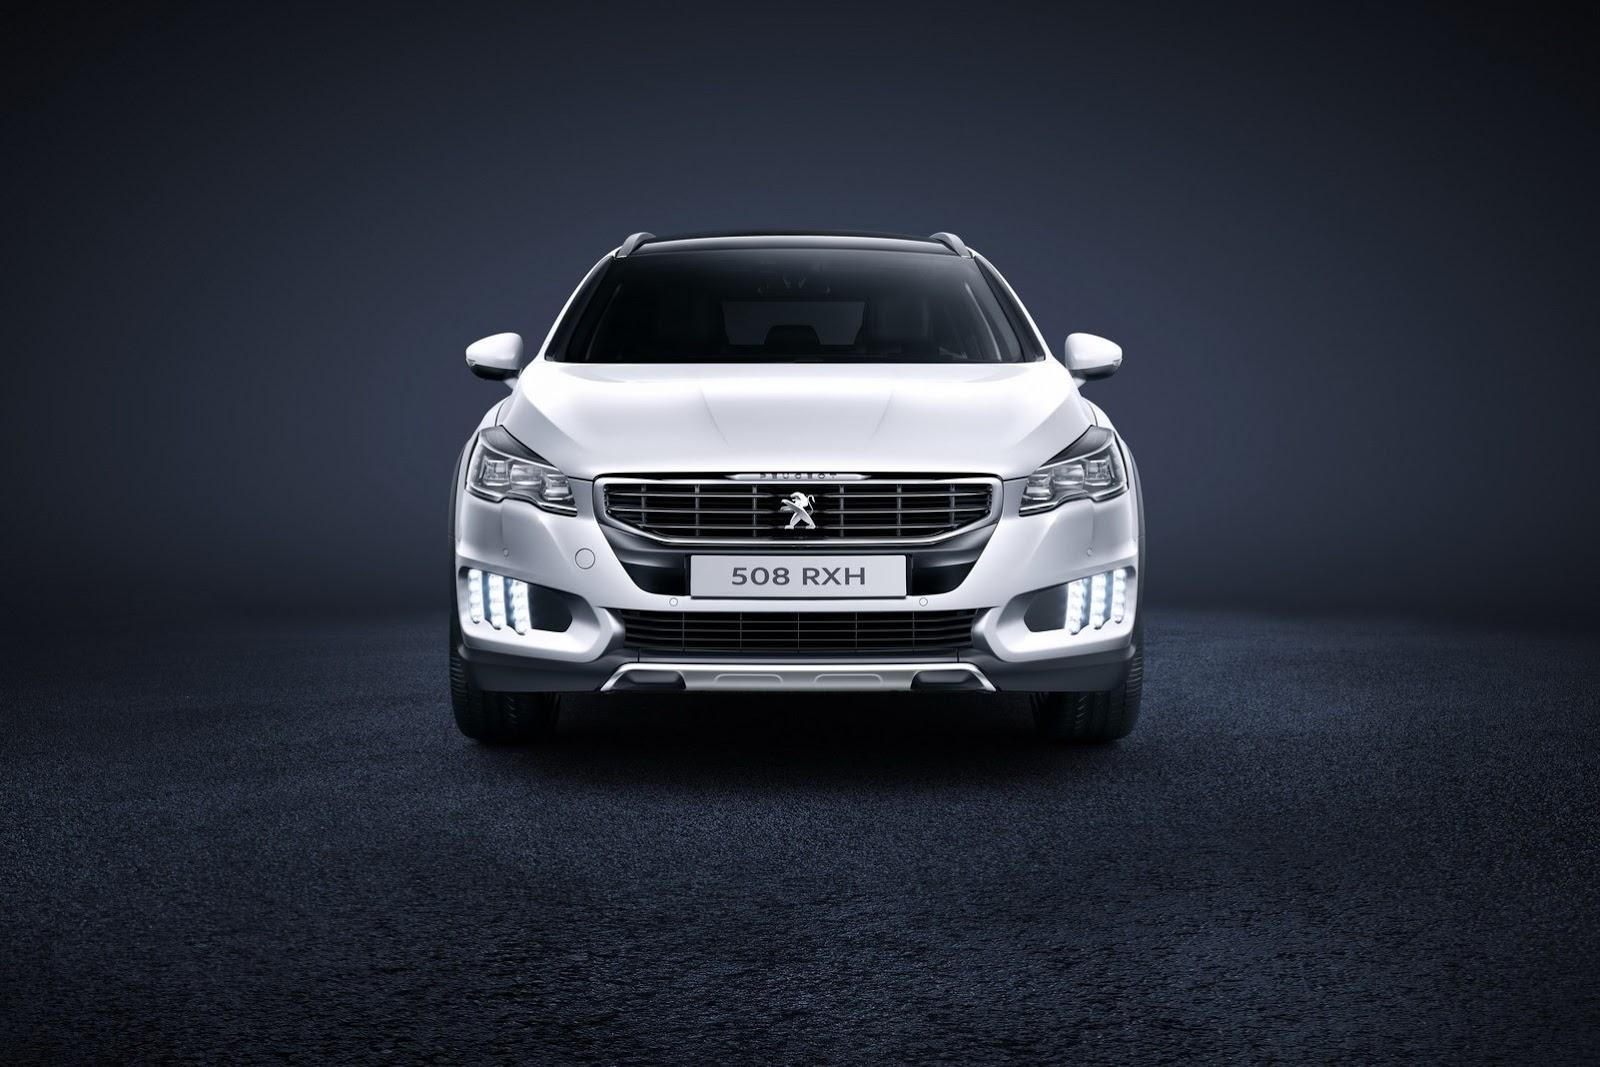 2015-Peugeot-508-13%25255B2%25255D.jpg